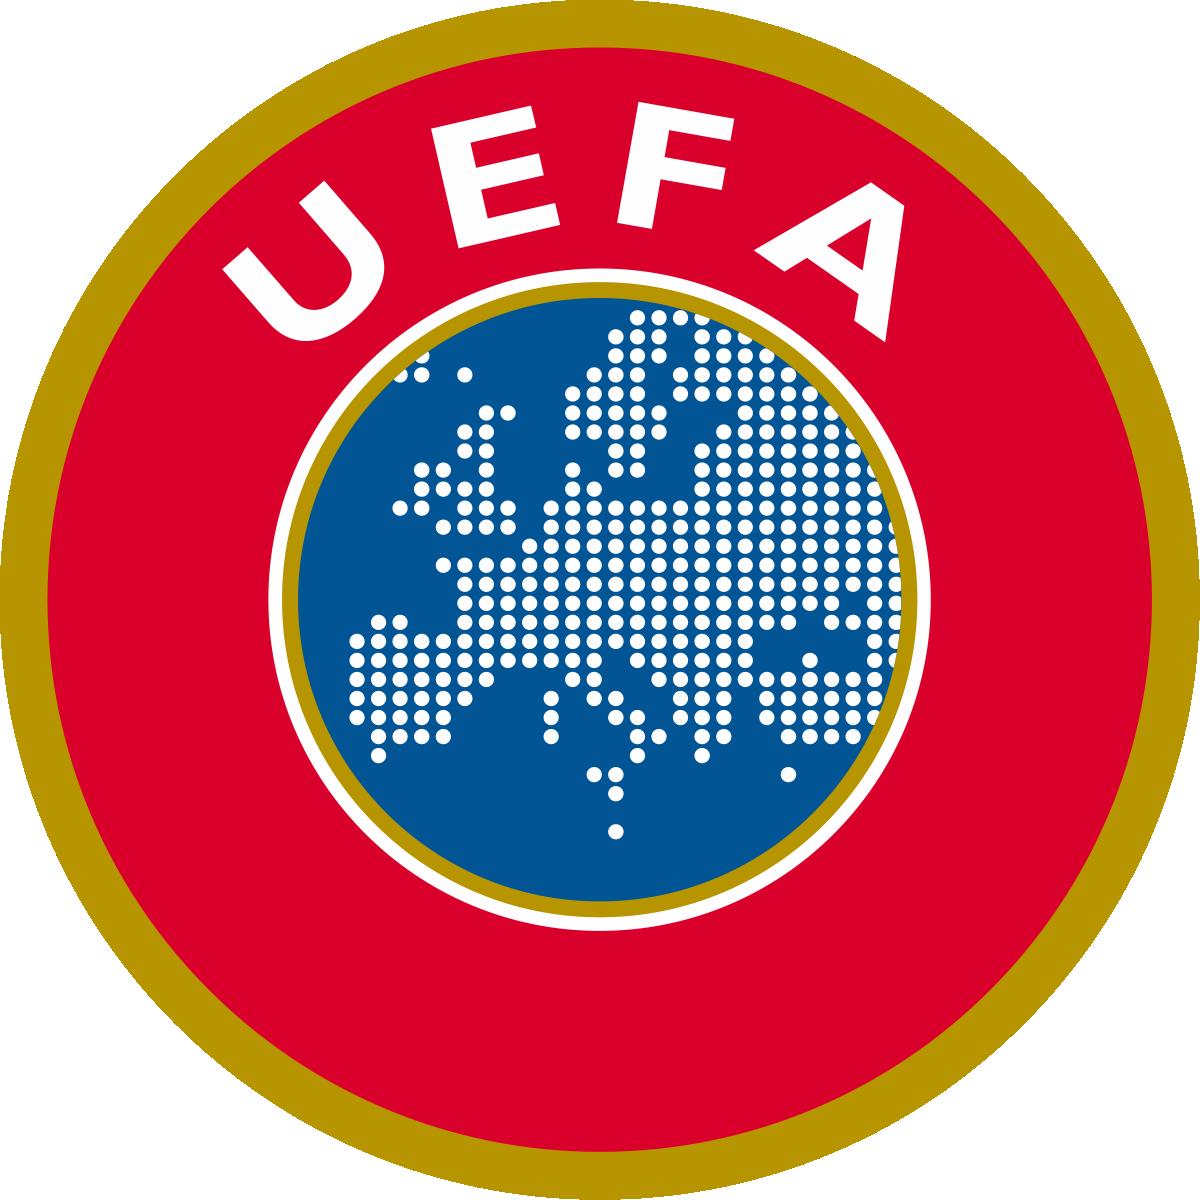 Подача документів на курси UEFA у 2020 році